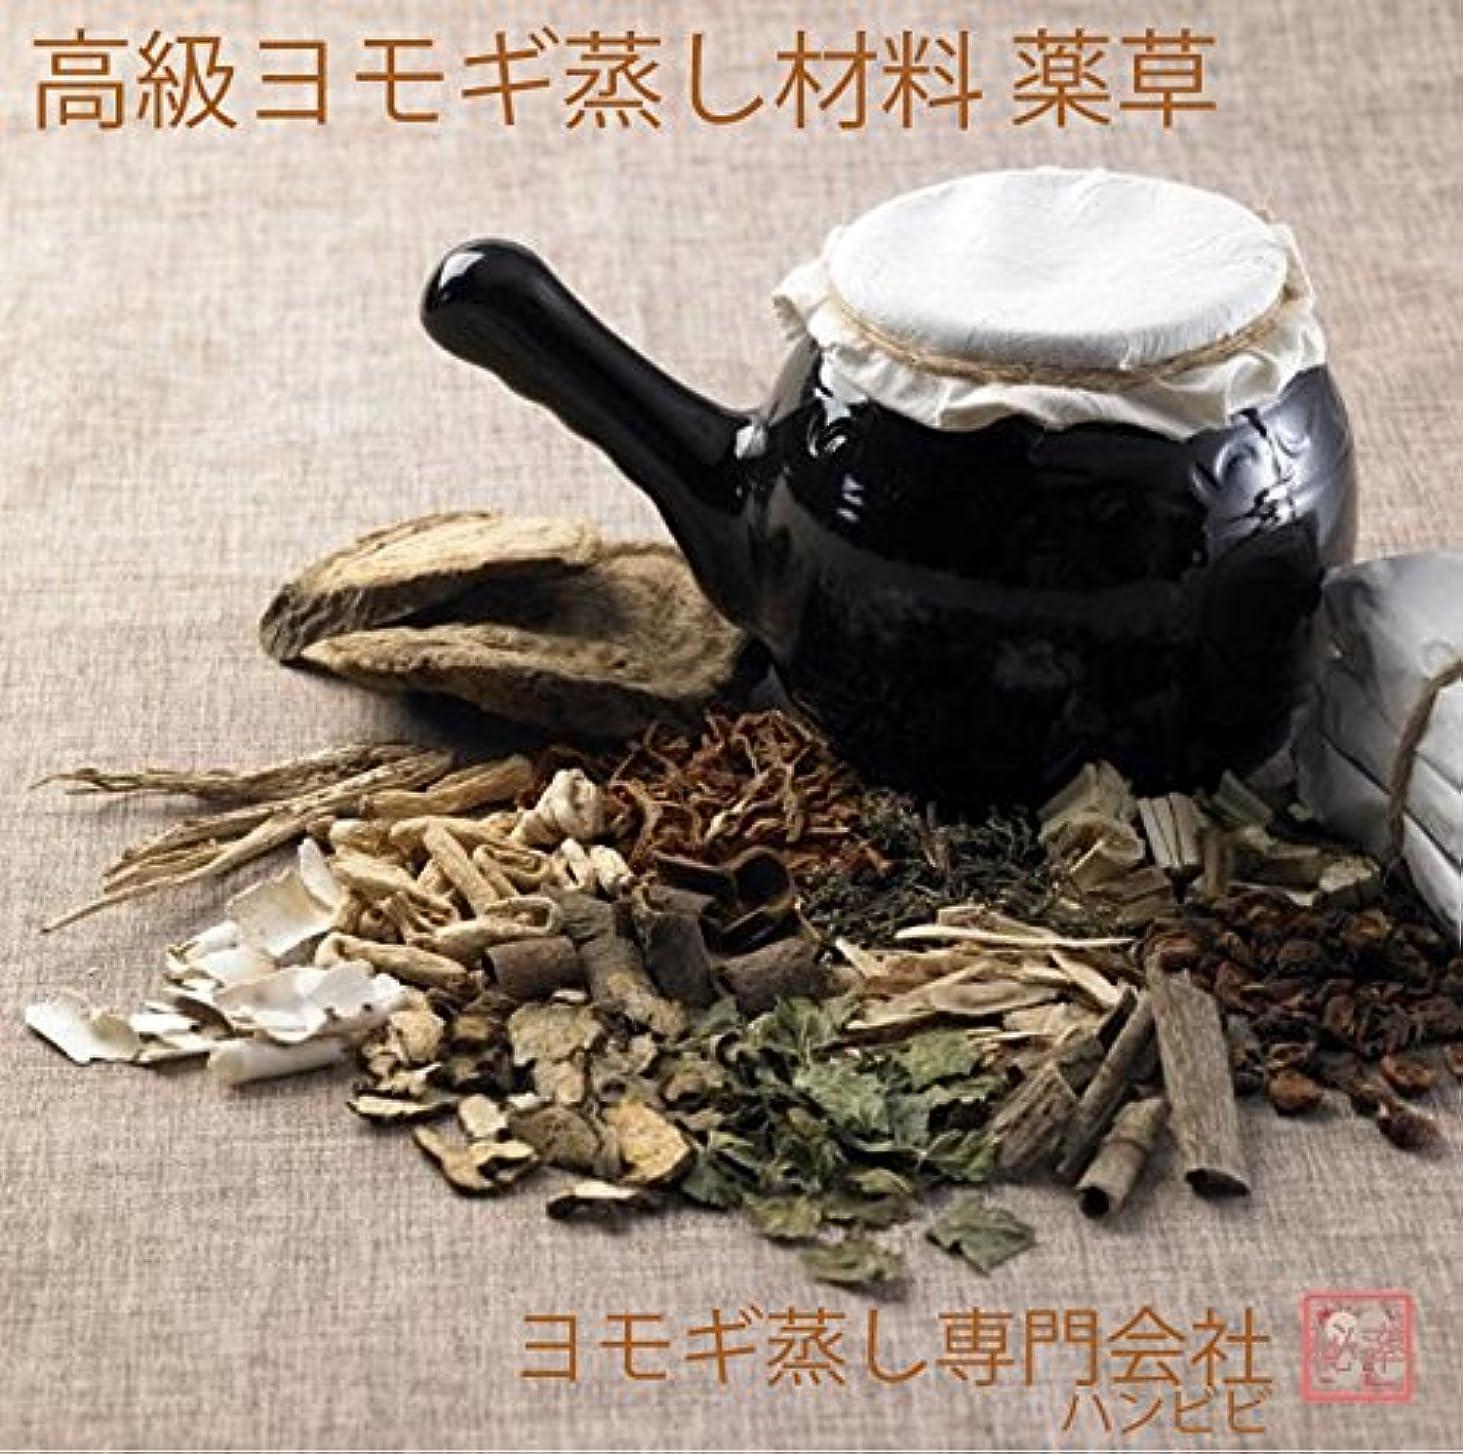 一流クーポン先蒸しヨモギ薬草、、<美肌美容、ダイエット、婦人子宮健康兼用